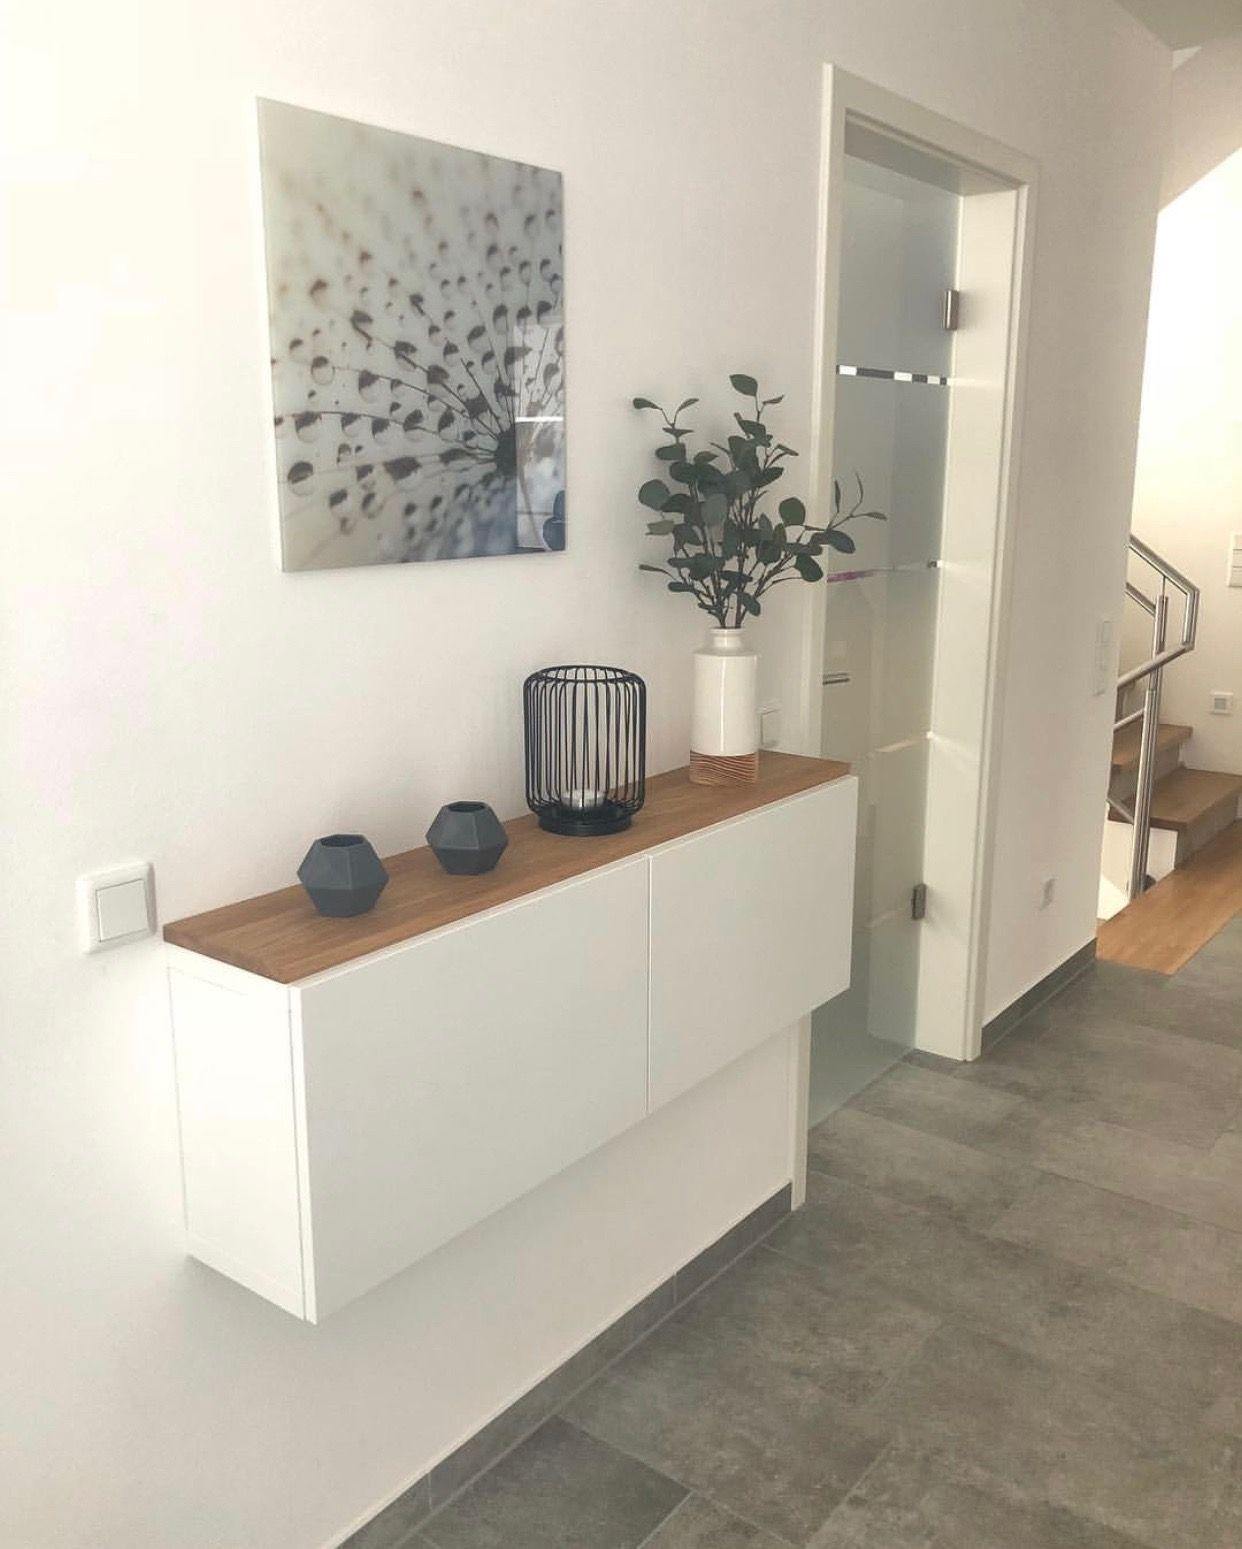 cuadros para decorar recibidores pequeños